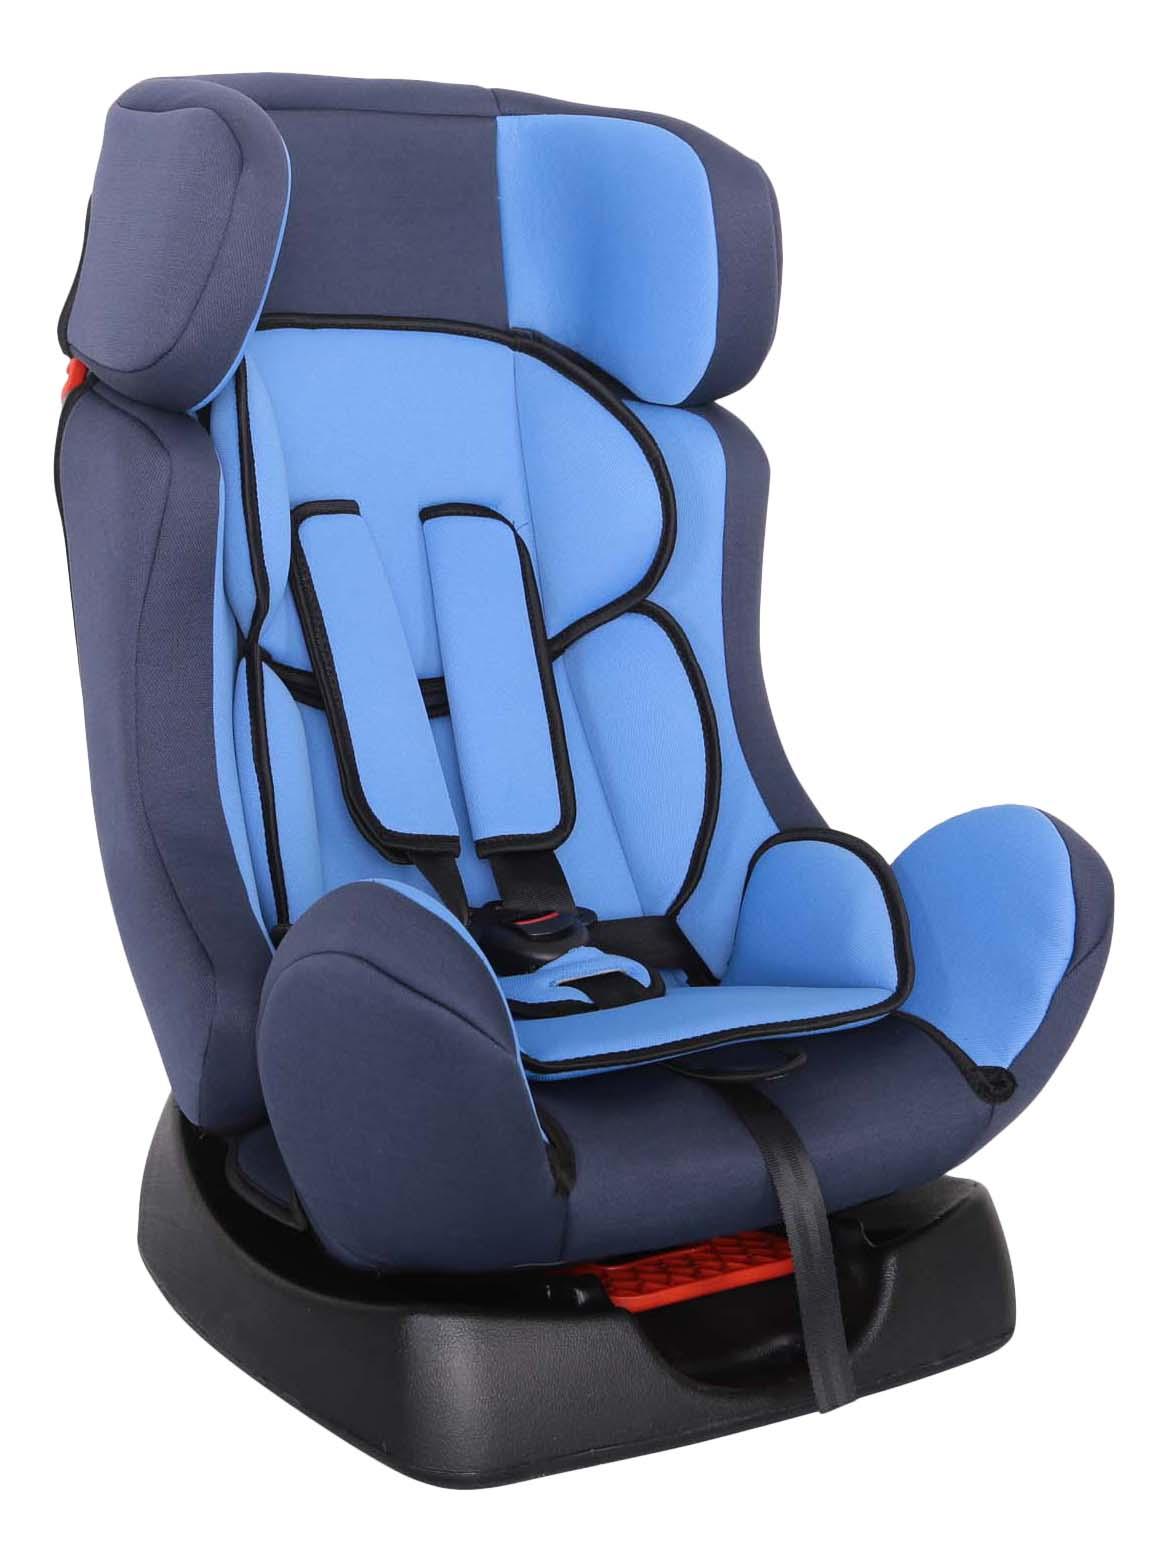 Автокресло Диона голубое 0-25 кг SIGER KRES0463